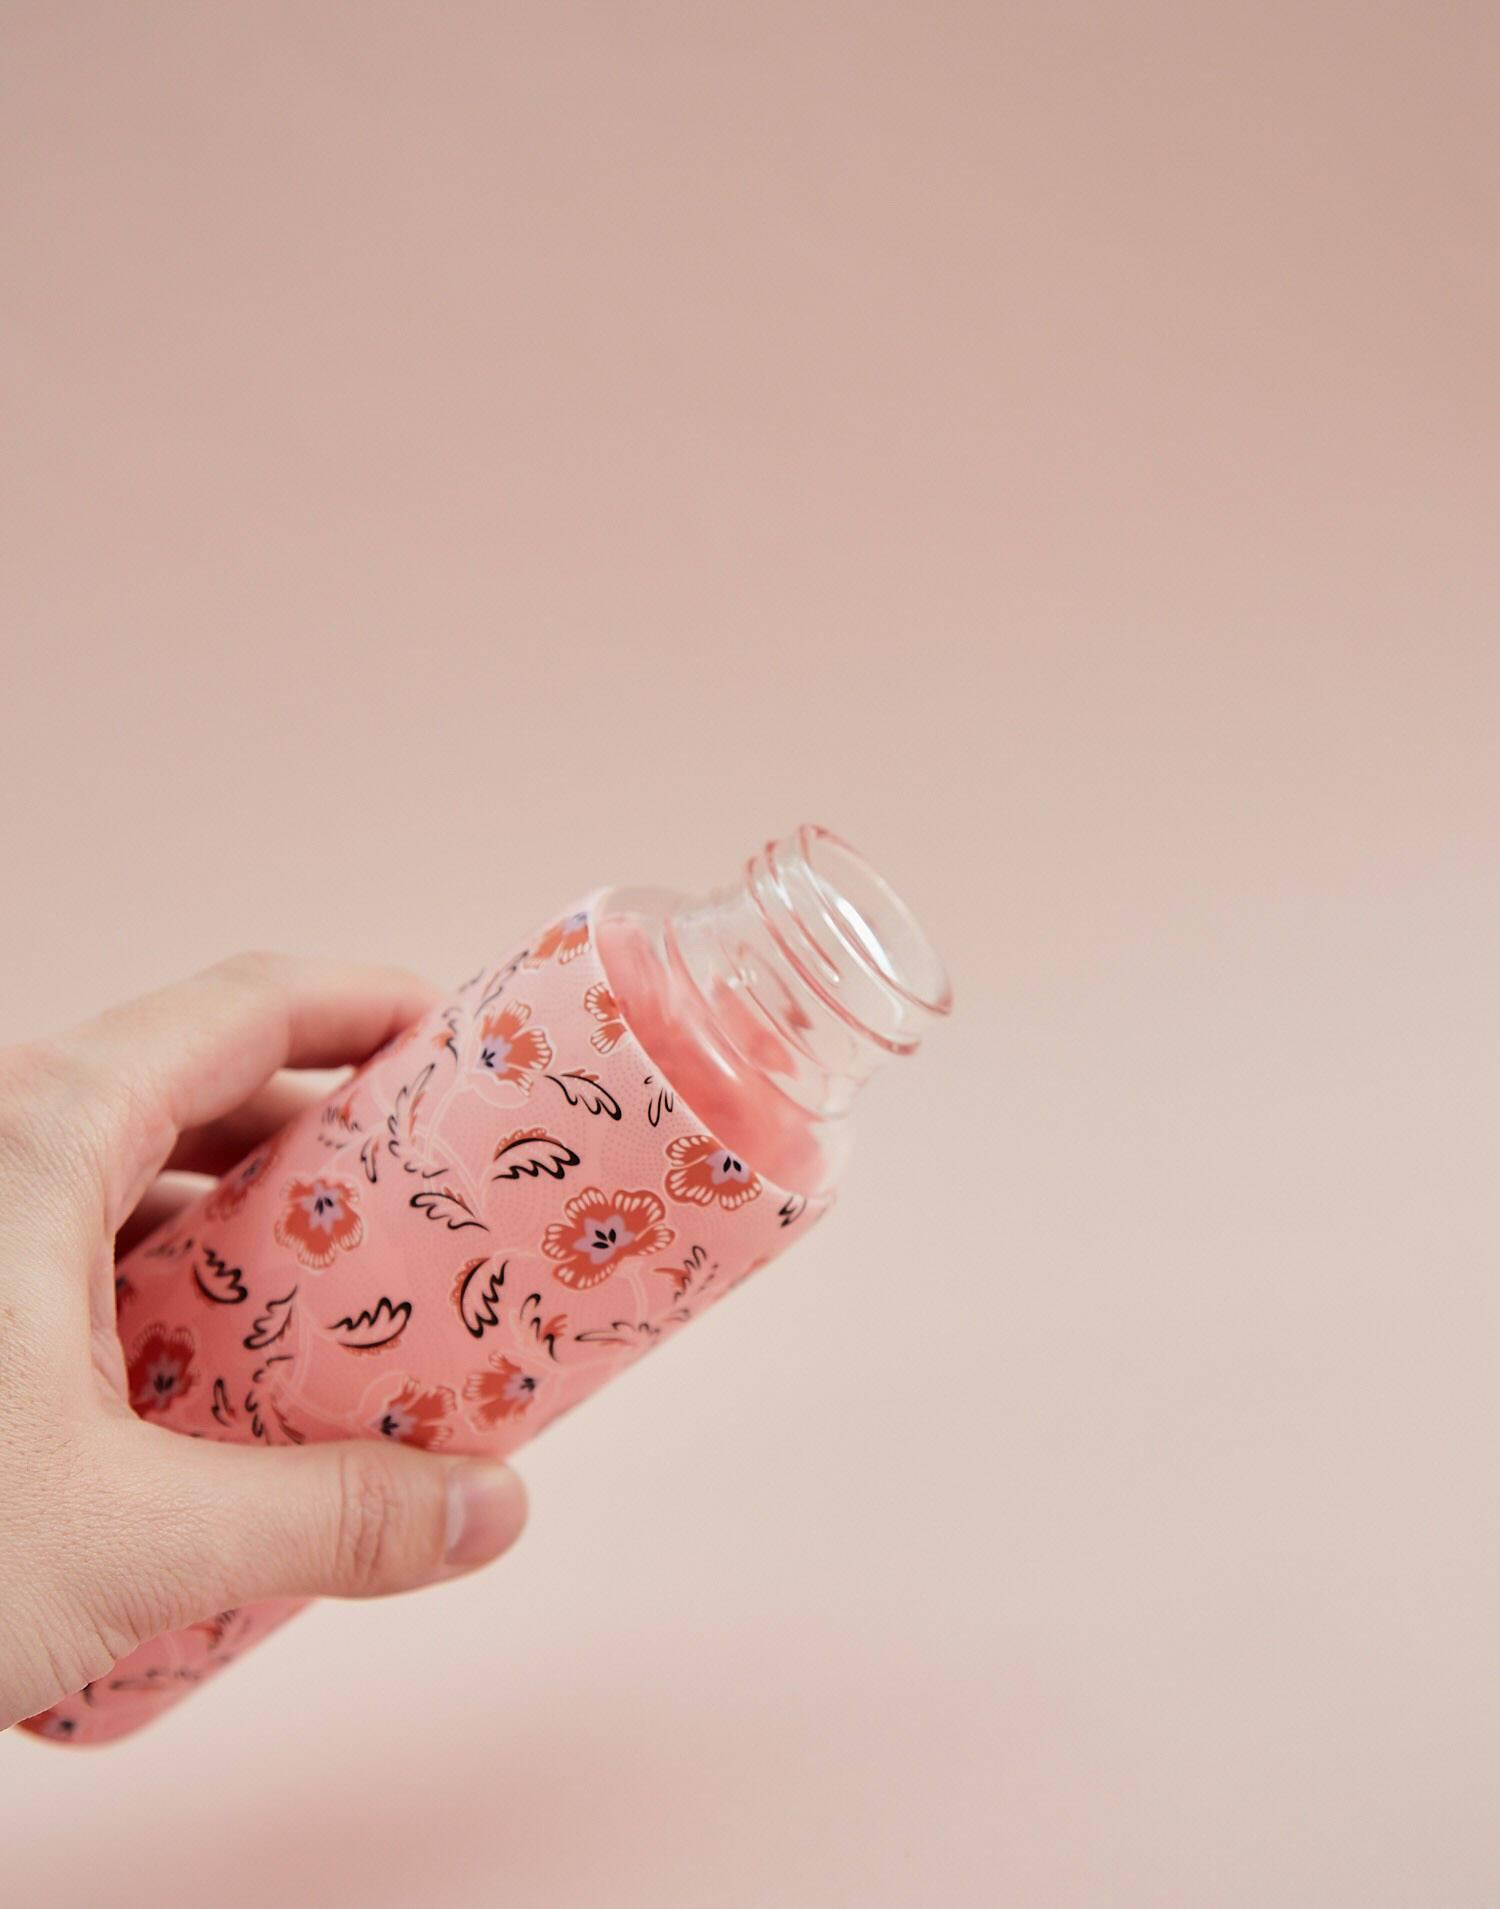 Ntr glass bottle 350 ml